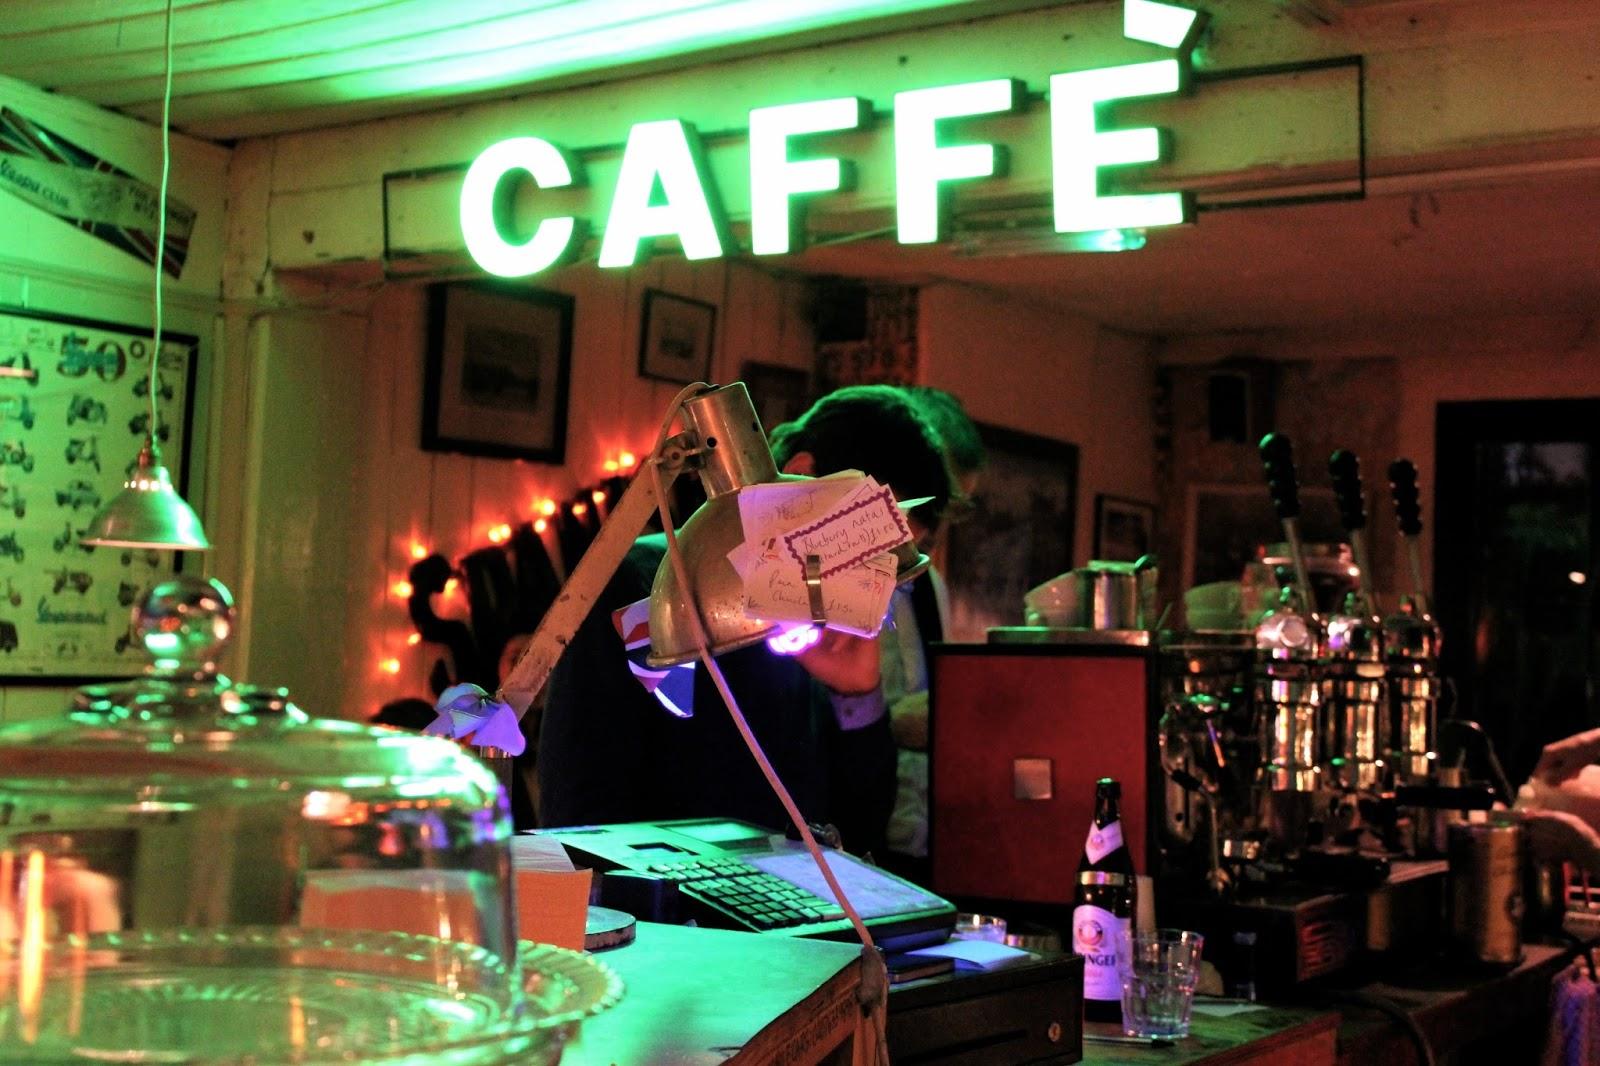 scooter caffe bonnes adresses londrès lexie blush